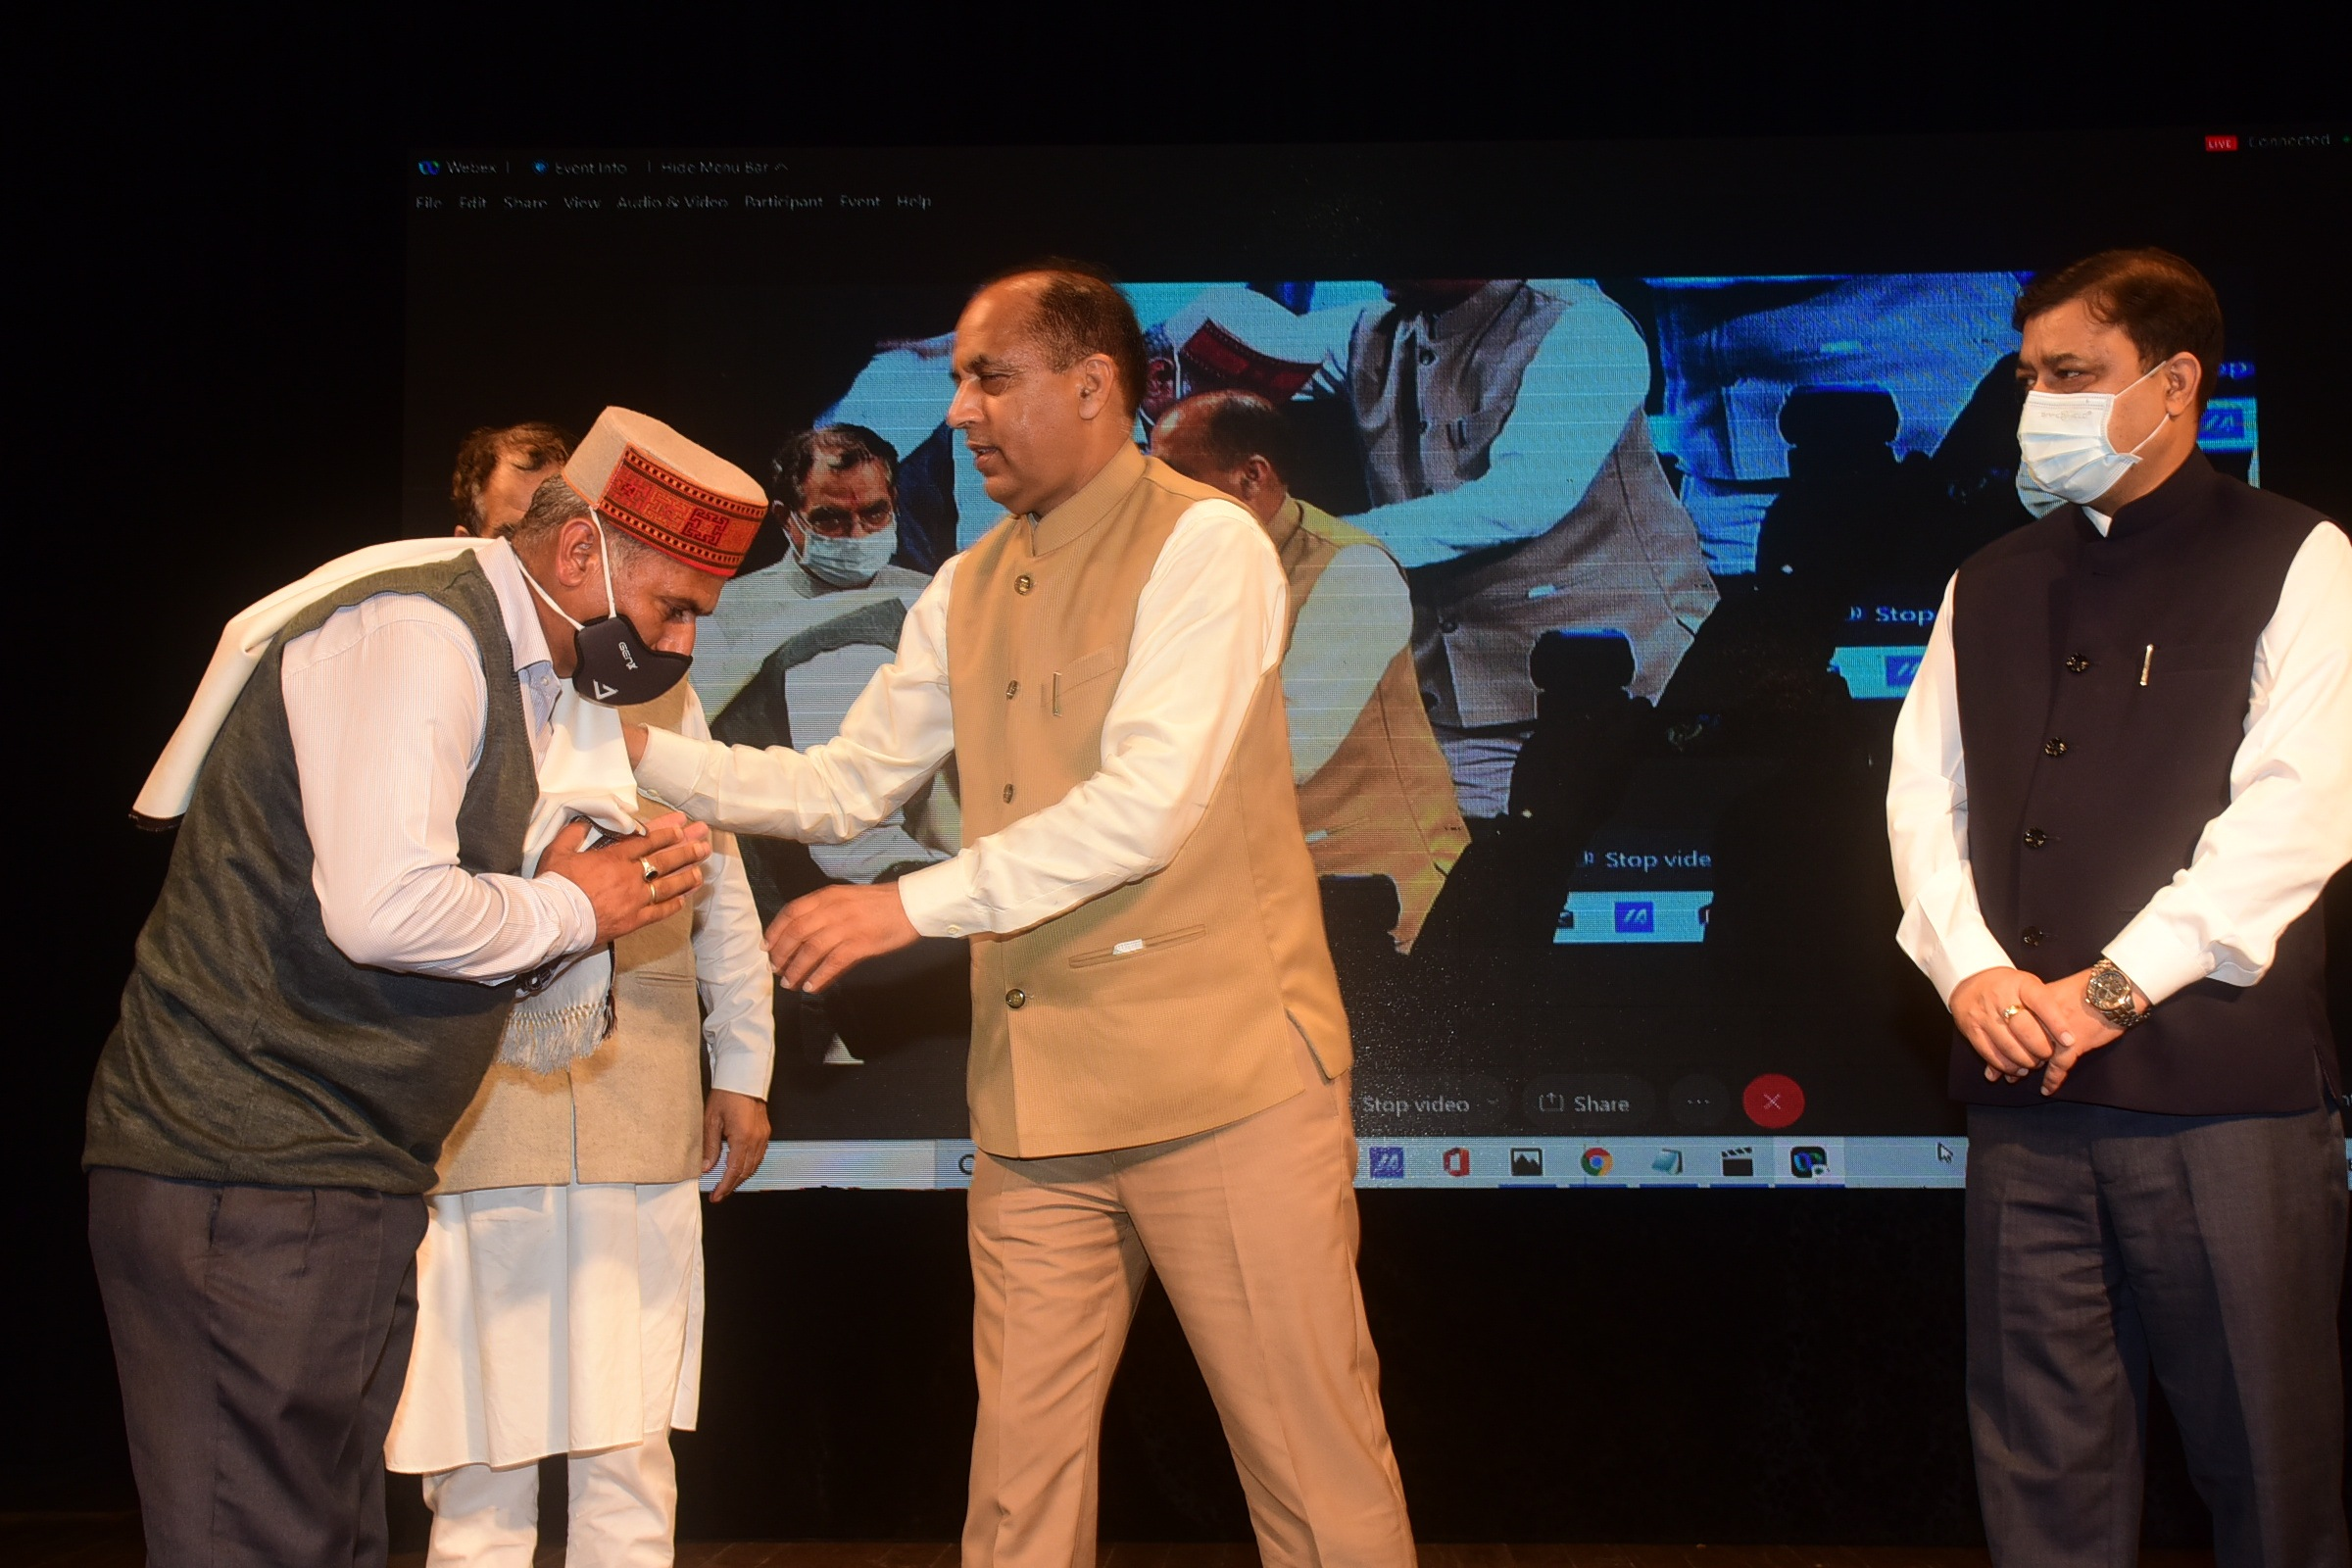 """कारगिल की चोटियों पर लिखी """"विजय गाथा"""" हमारी पीढ़ियों को करेगी प्रेरित, शिमला में शहीदों को दी गई श्रद्धांजलि"""